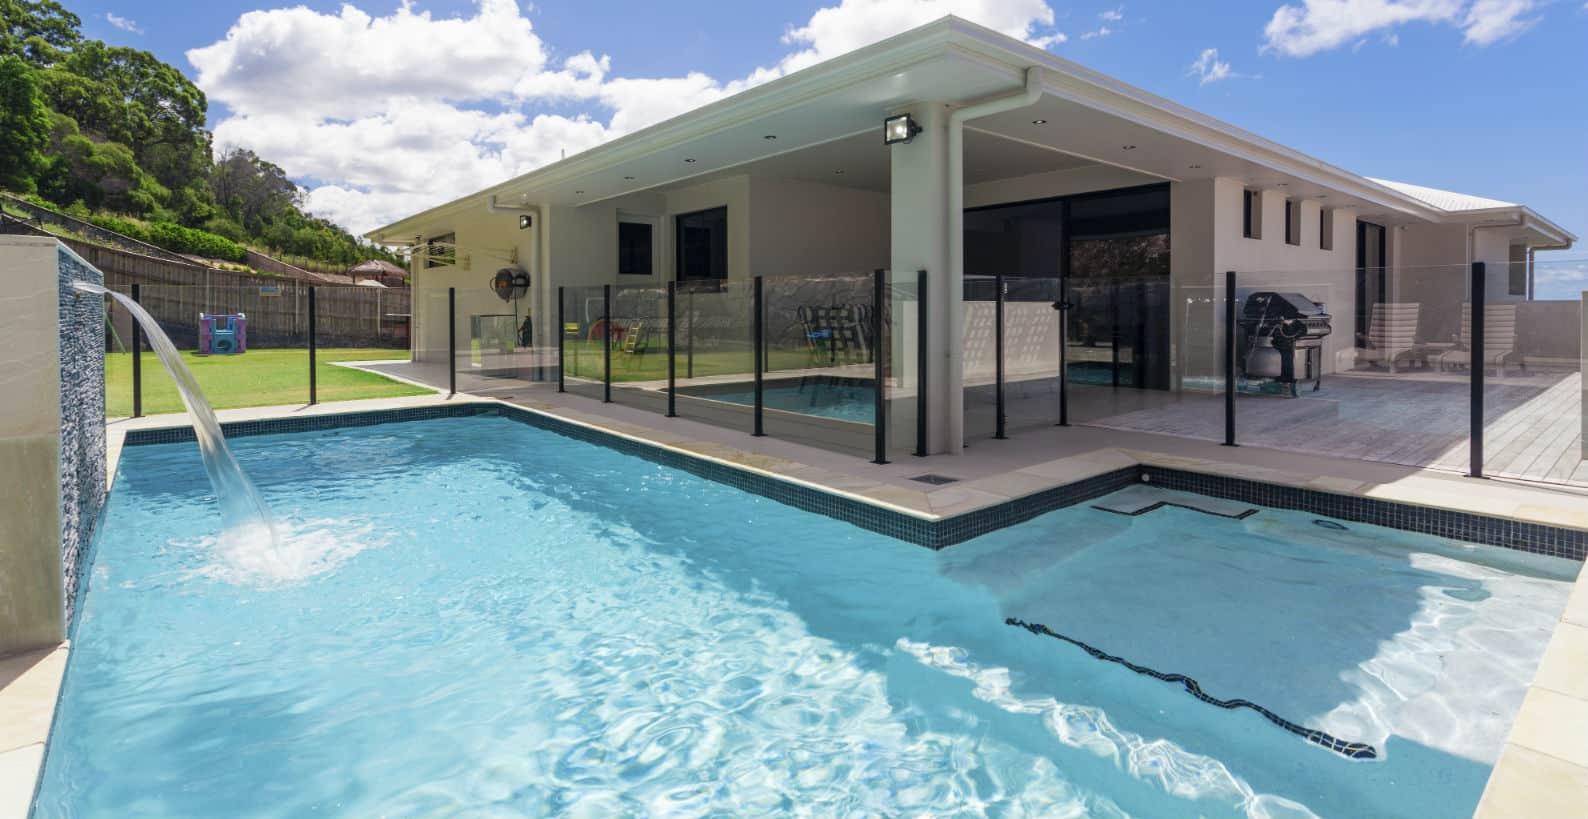 Pool water recycling saves water calif pool heaven inc - Salt water swimming pools los angeles ...